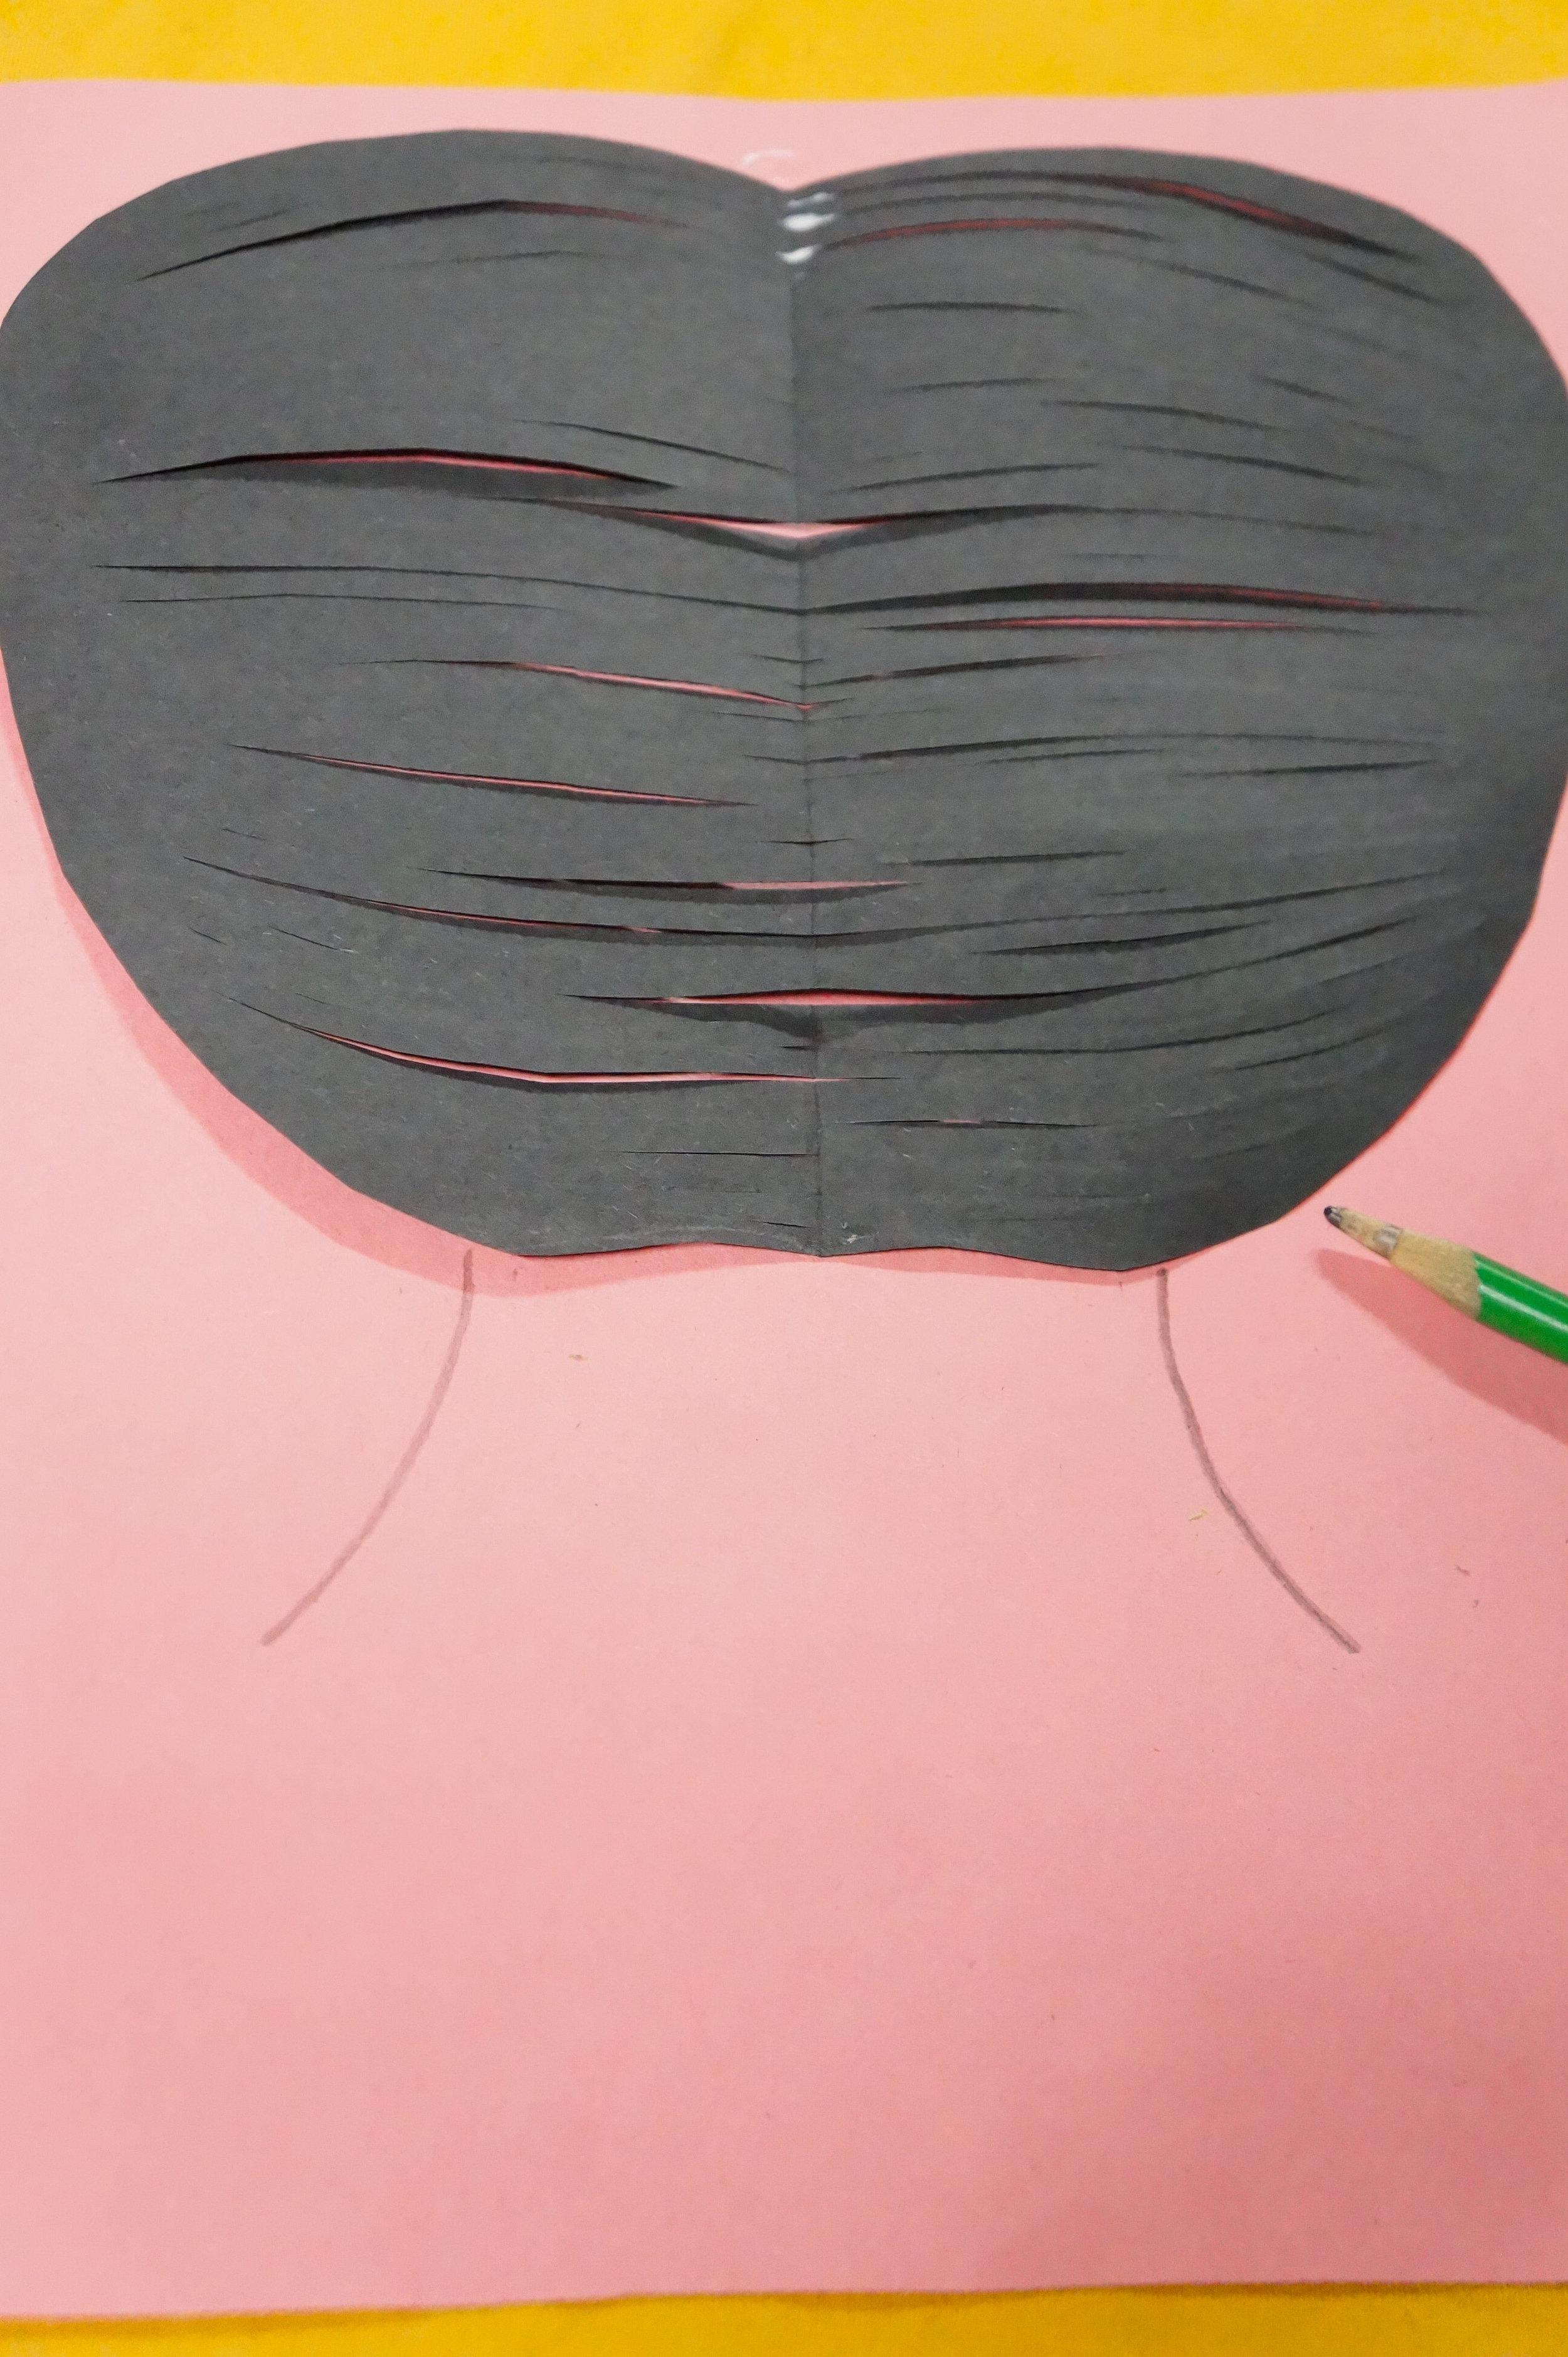 Cinco de Mayo Craft, Cinco de Mayo Braids, Cinco de Mayo Senorita, Senorita, Long Braids, DIY Paper Braids, Mexican Braids, 3D Craft, Crafted Braids, Braided Streamers, Streamer Craft